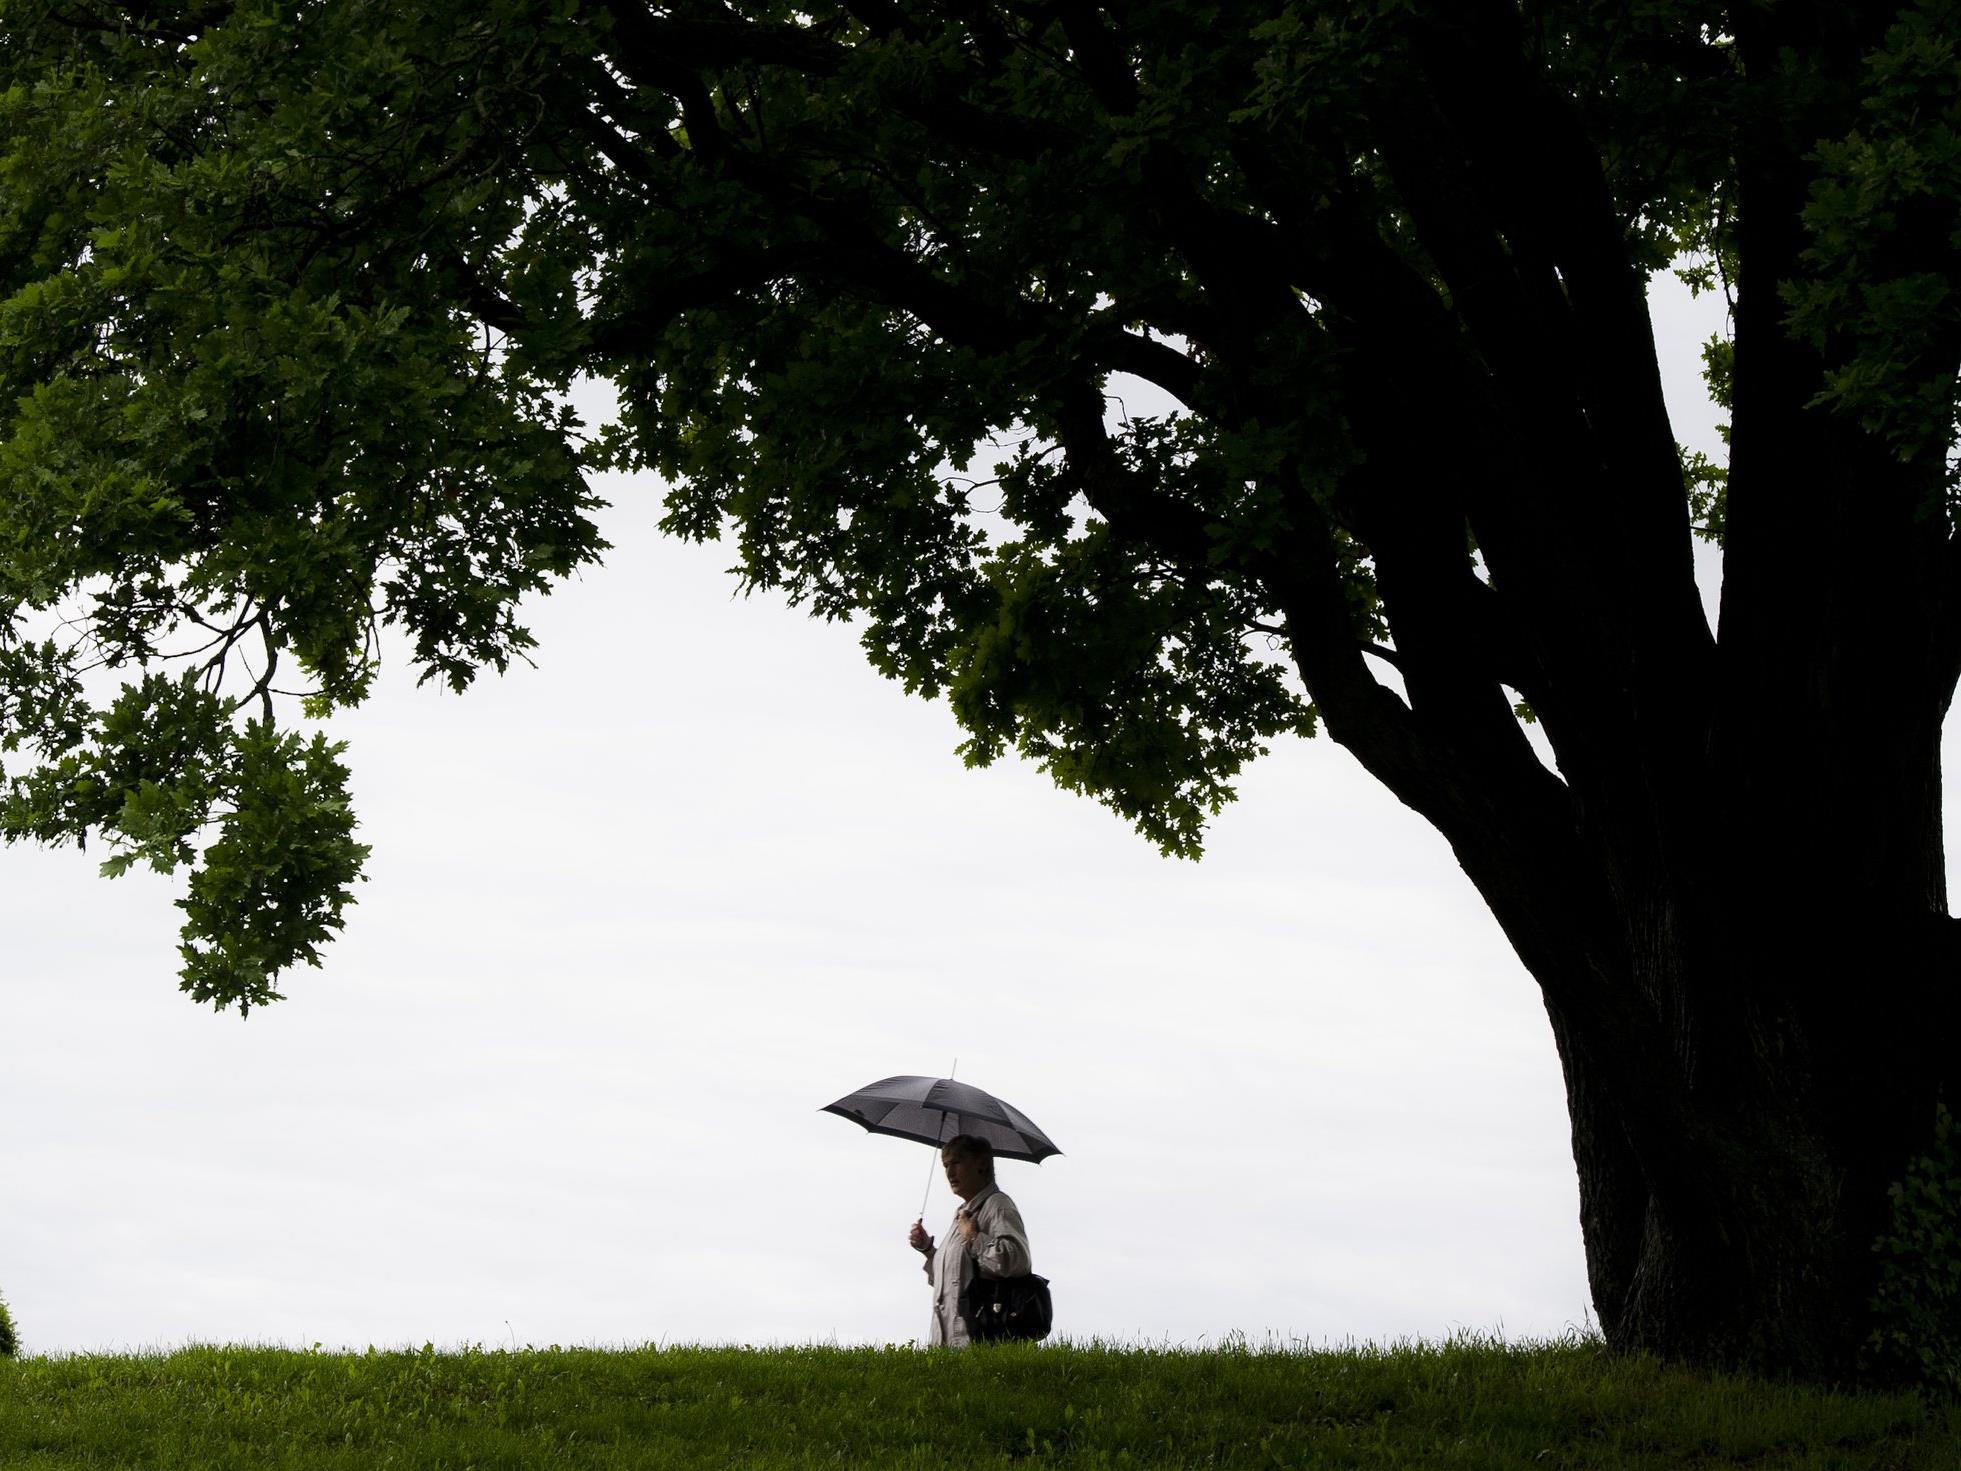 Wenig frühlingshaft: Die Woche beginnt mit häufigem Niederschlag.